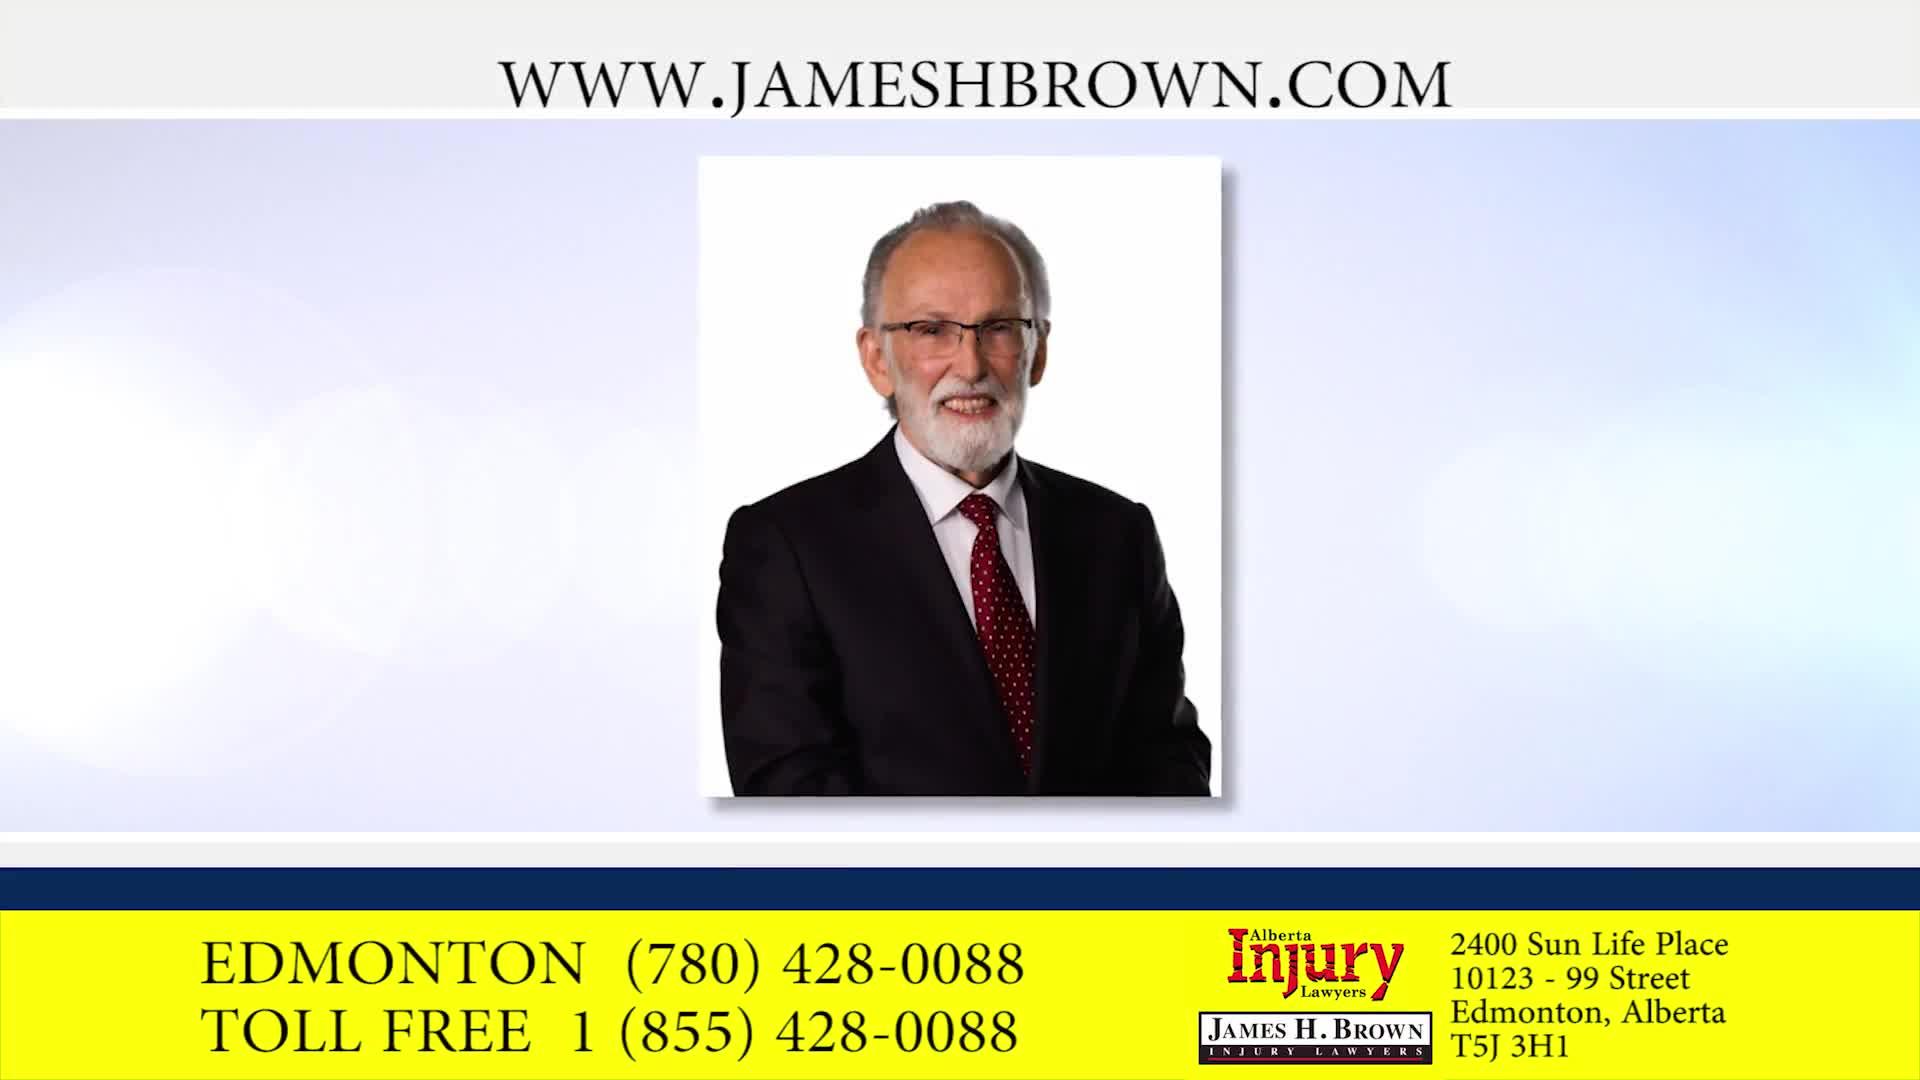 Alberta Injury Lawyers - Personal Injury Lawyers - 1-844-280-7057